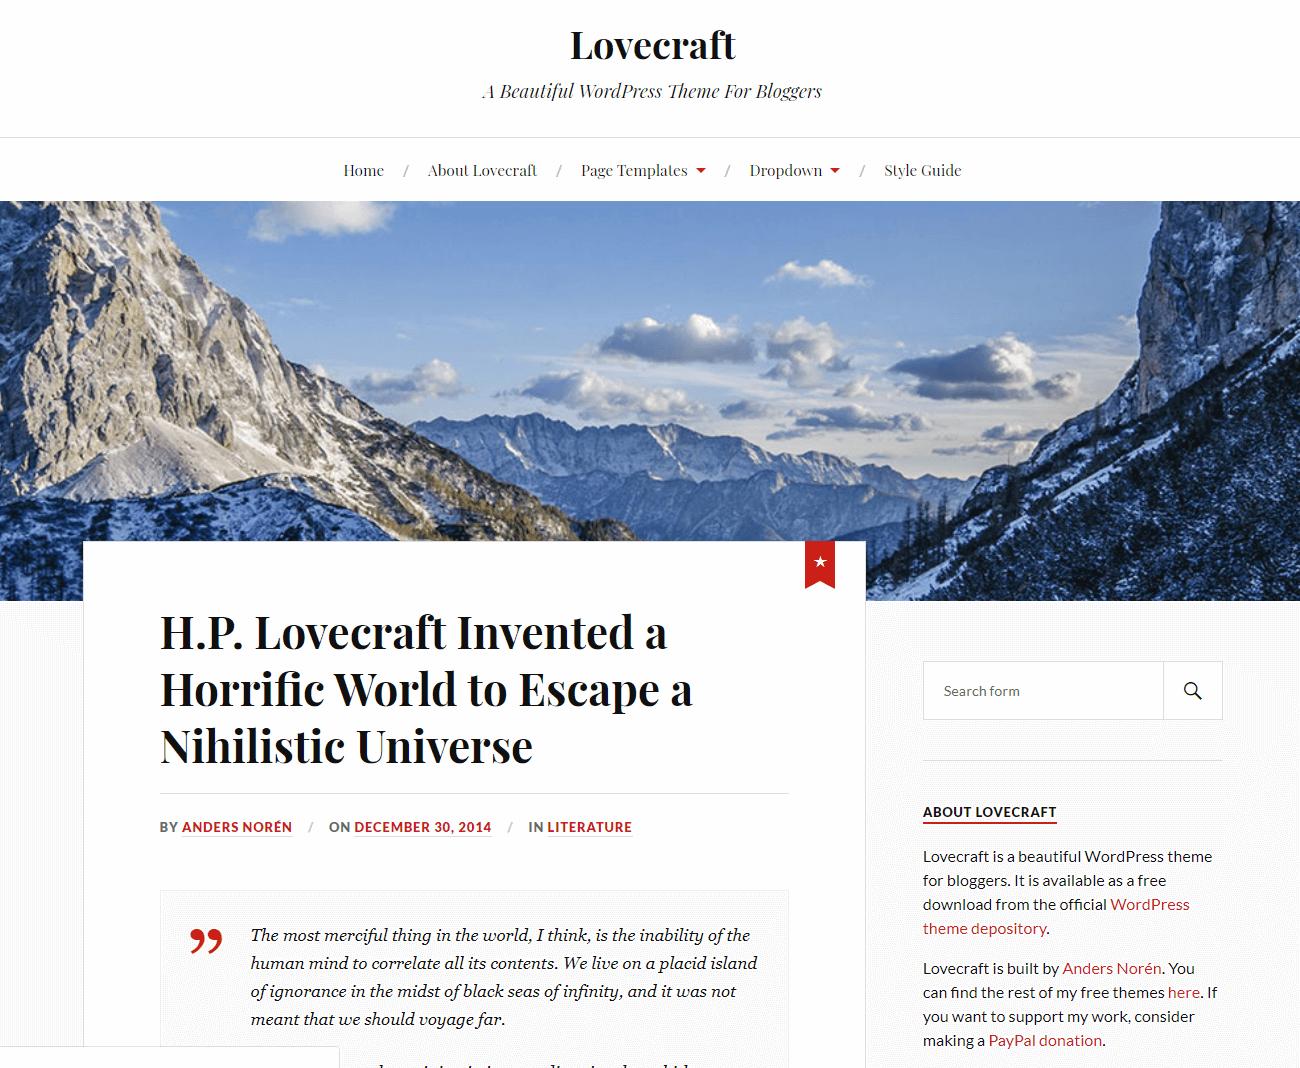 A desktop website built using Lovecraft.